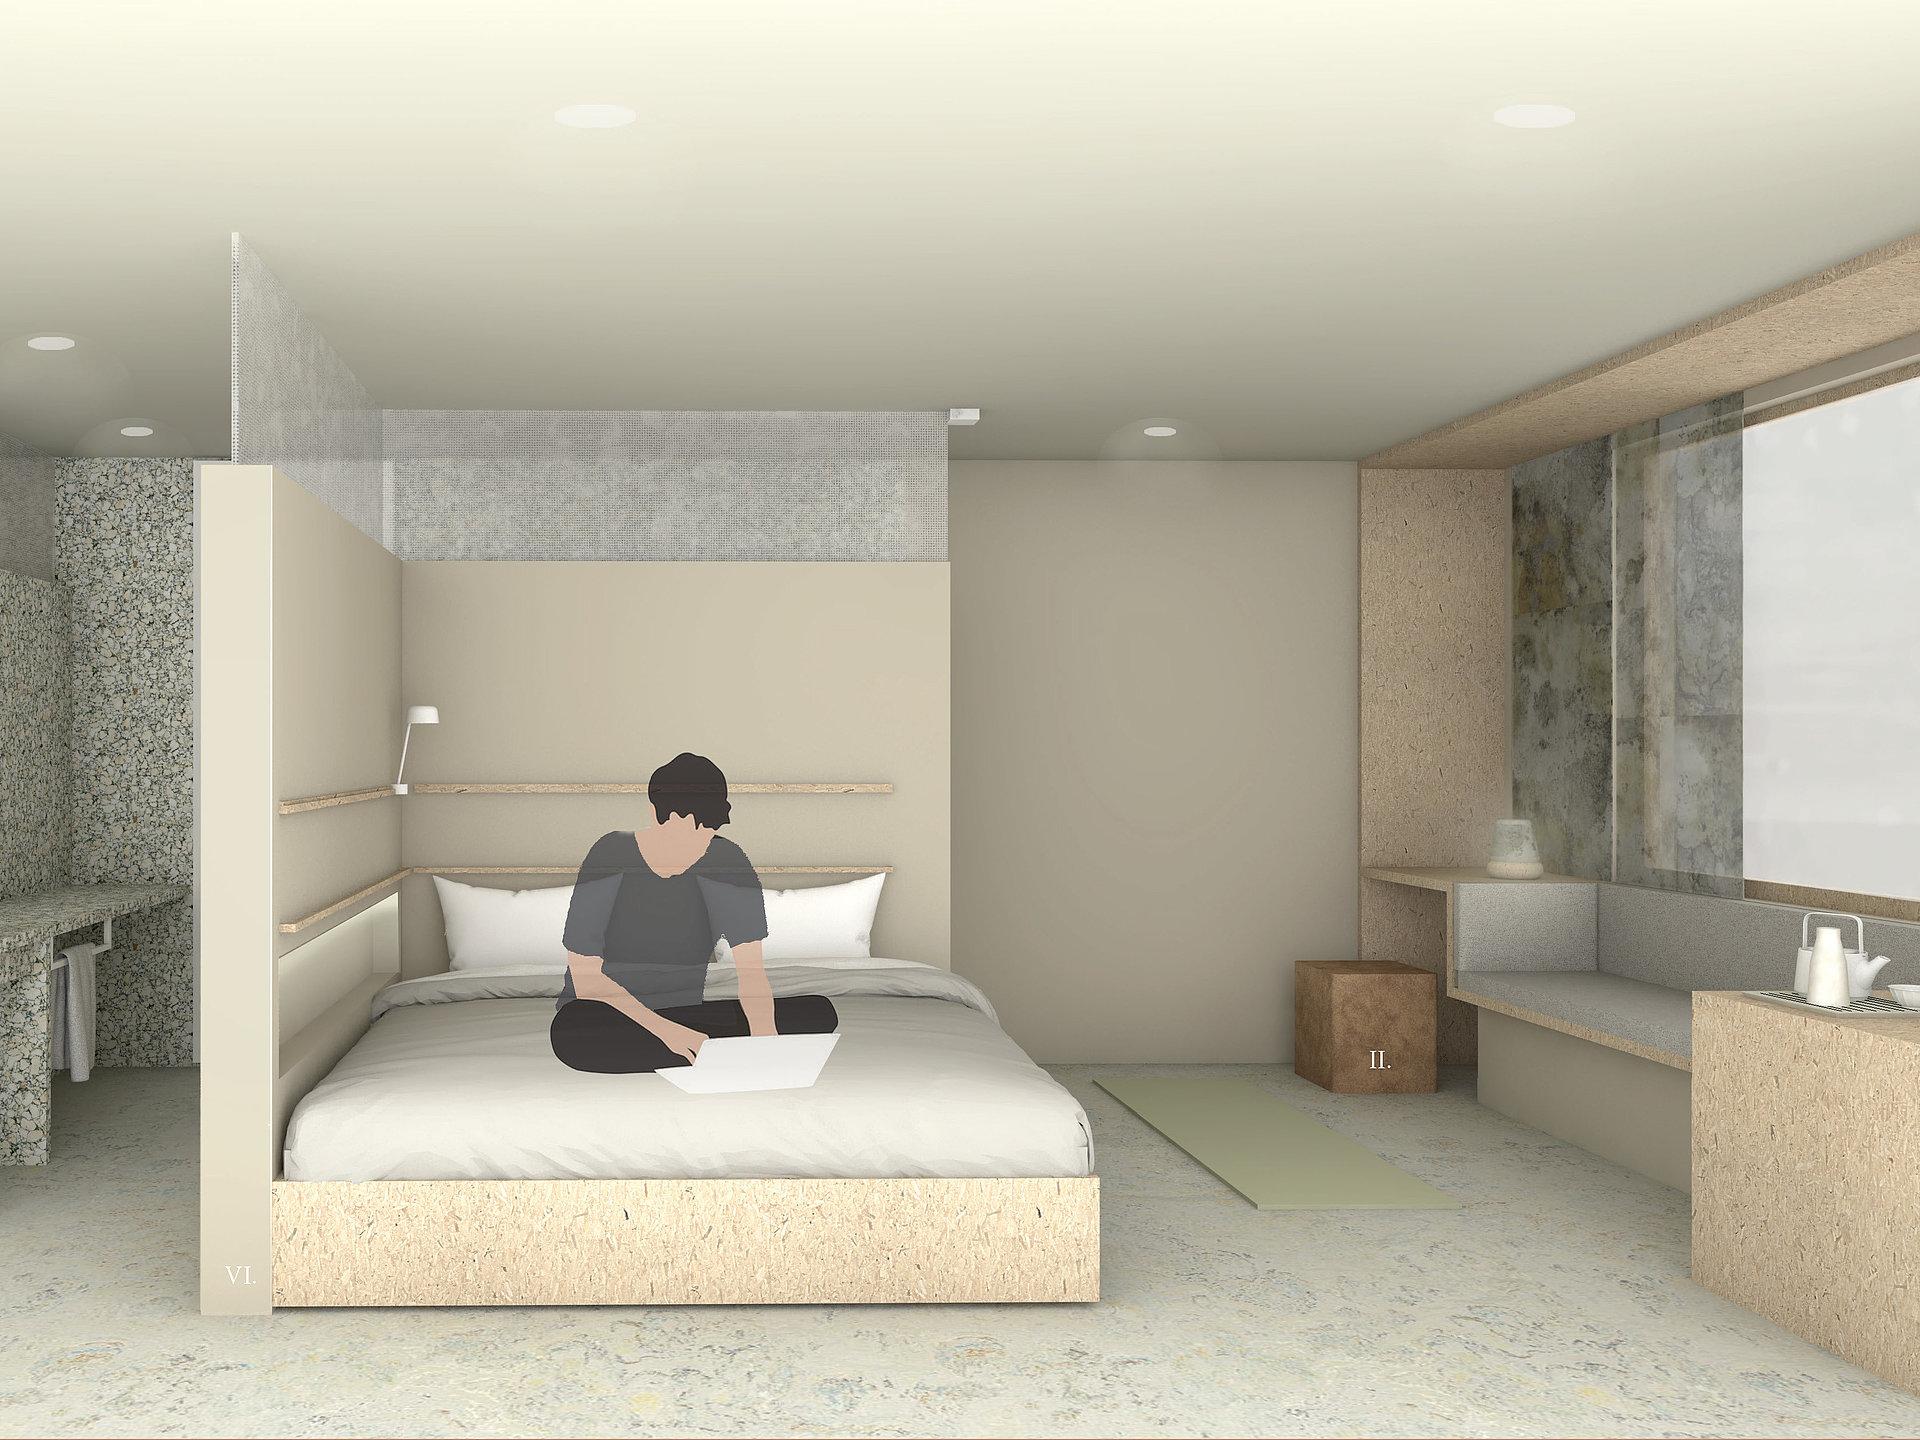 Hotelzimmer der Zukunft Ideenwettbewerb des ...